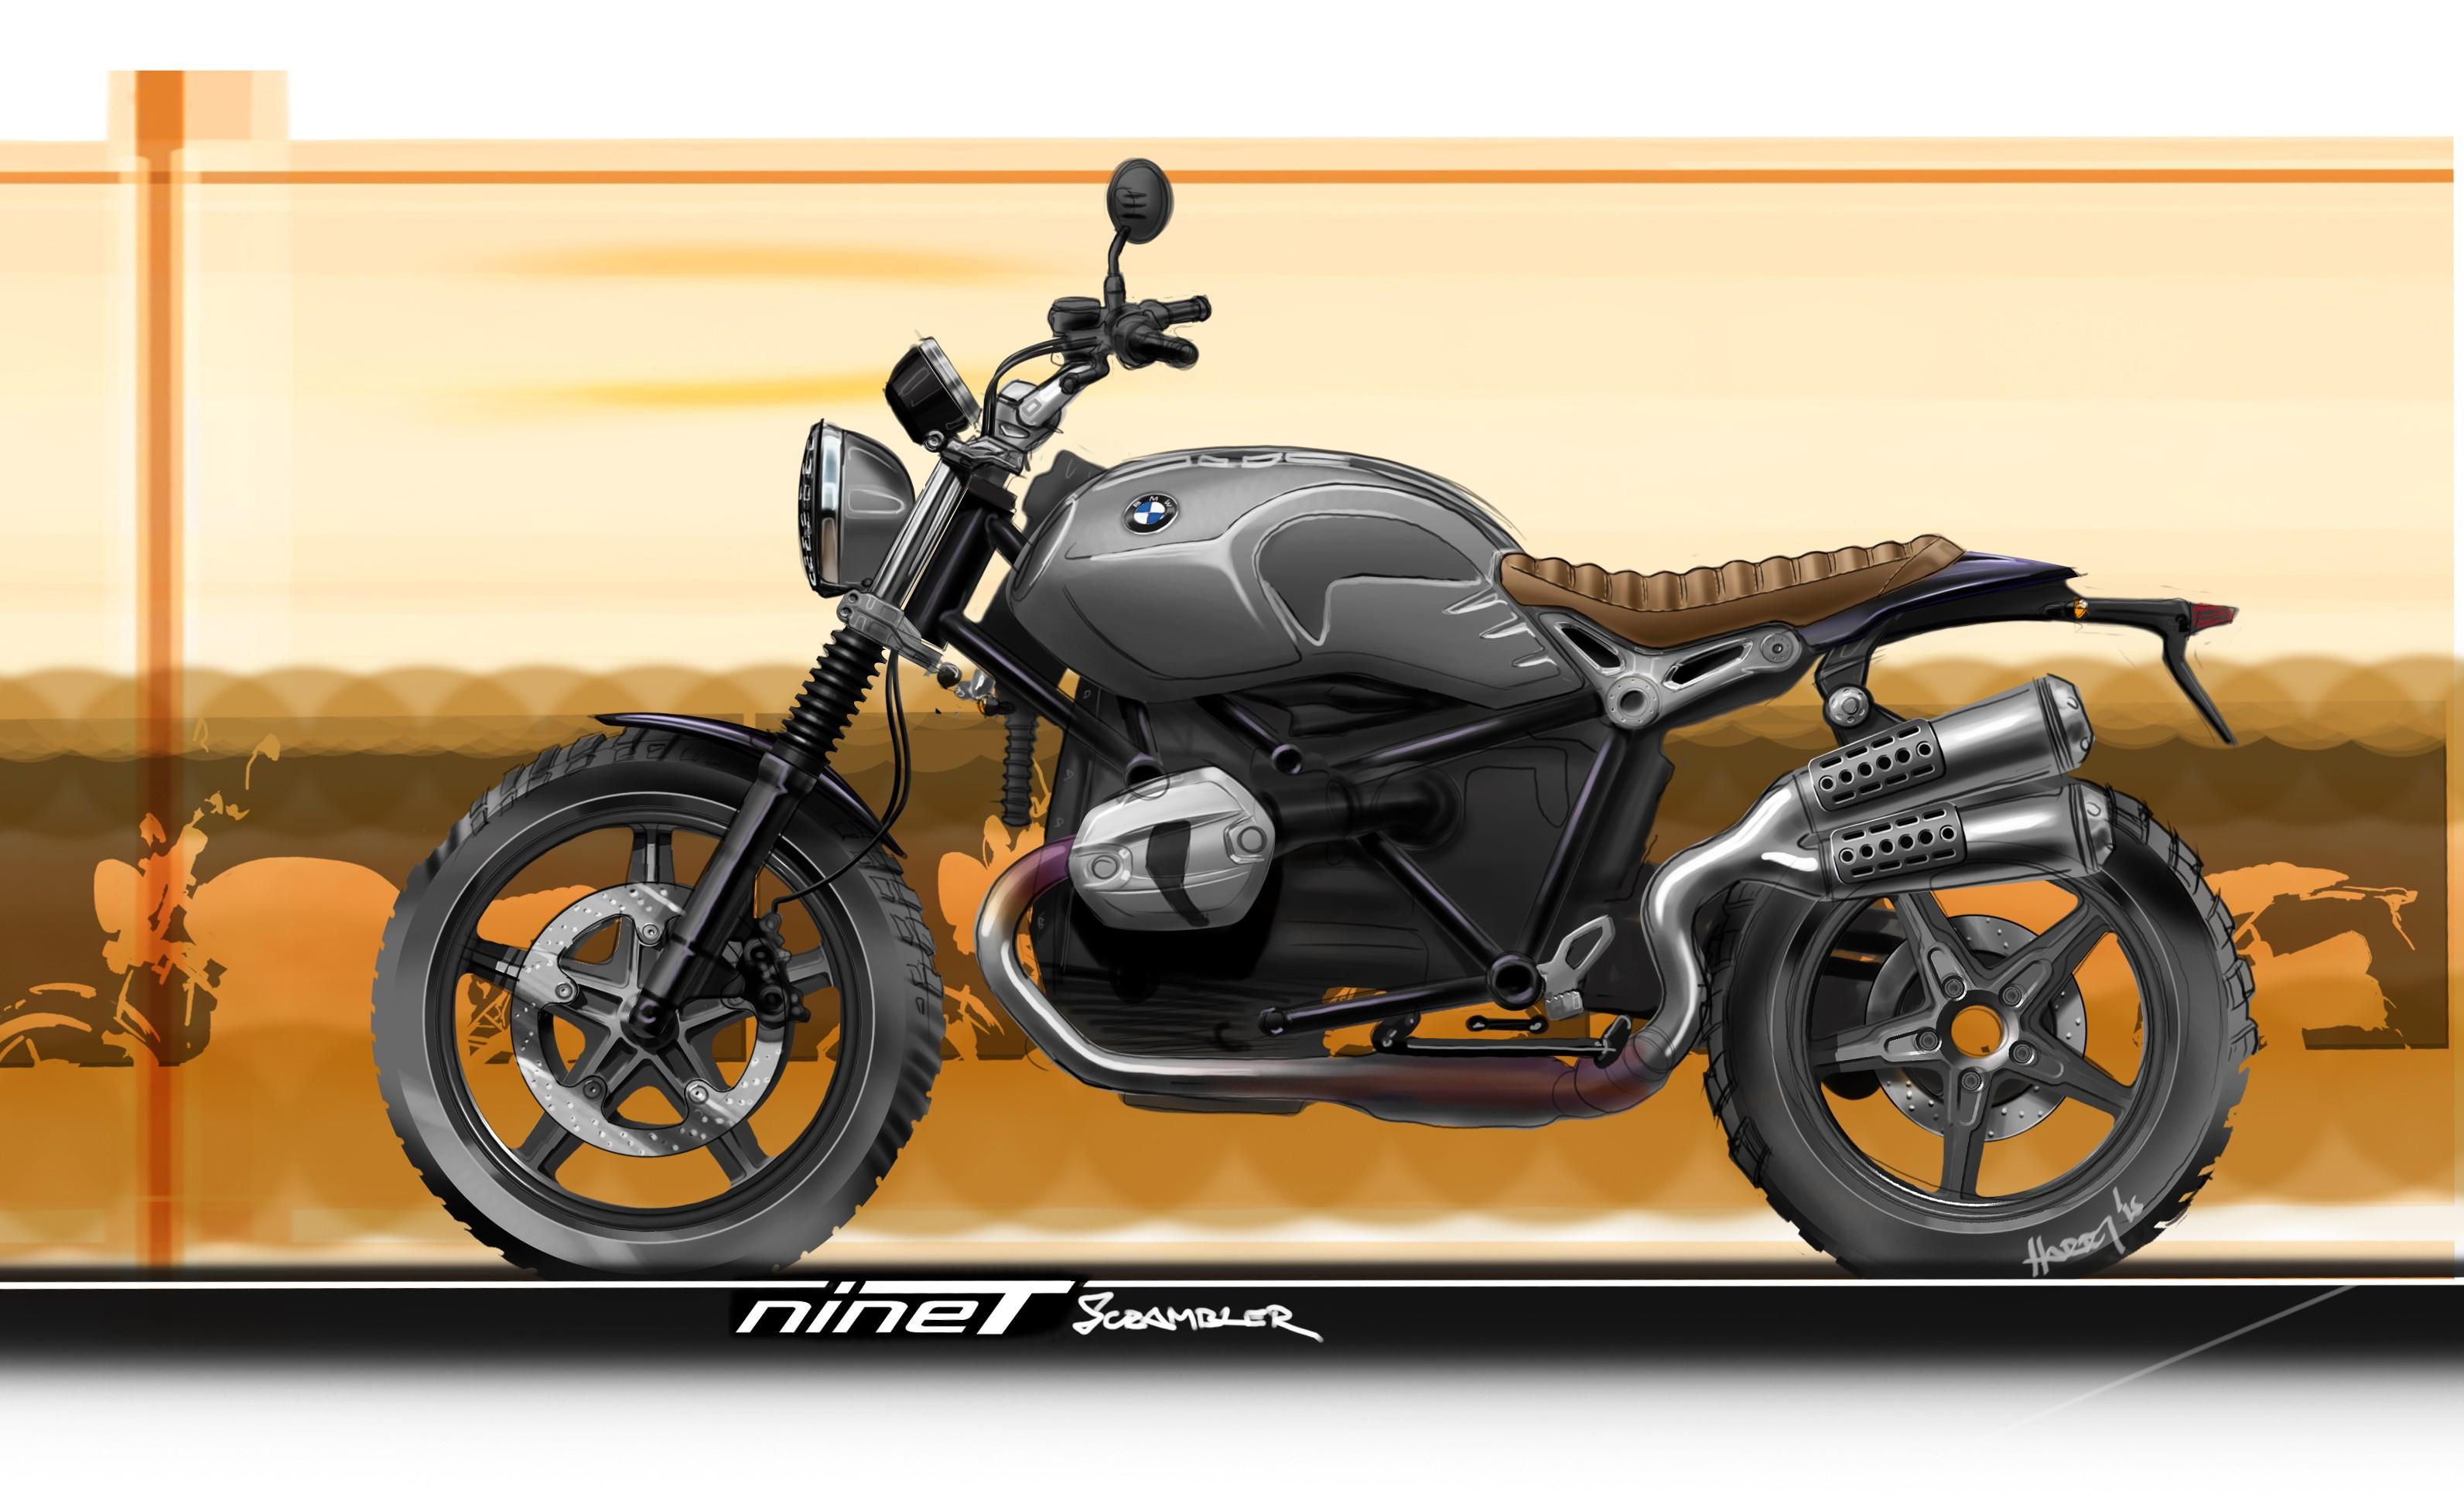 Ducati Multistrada Seat Height Adjustment